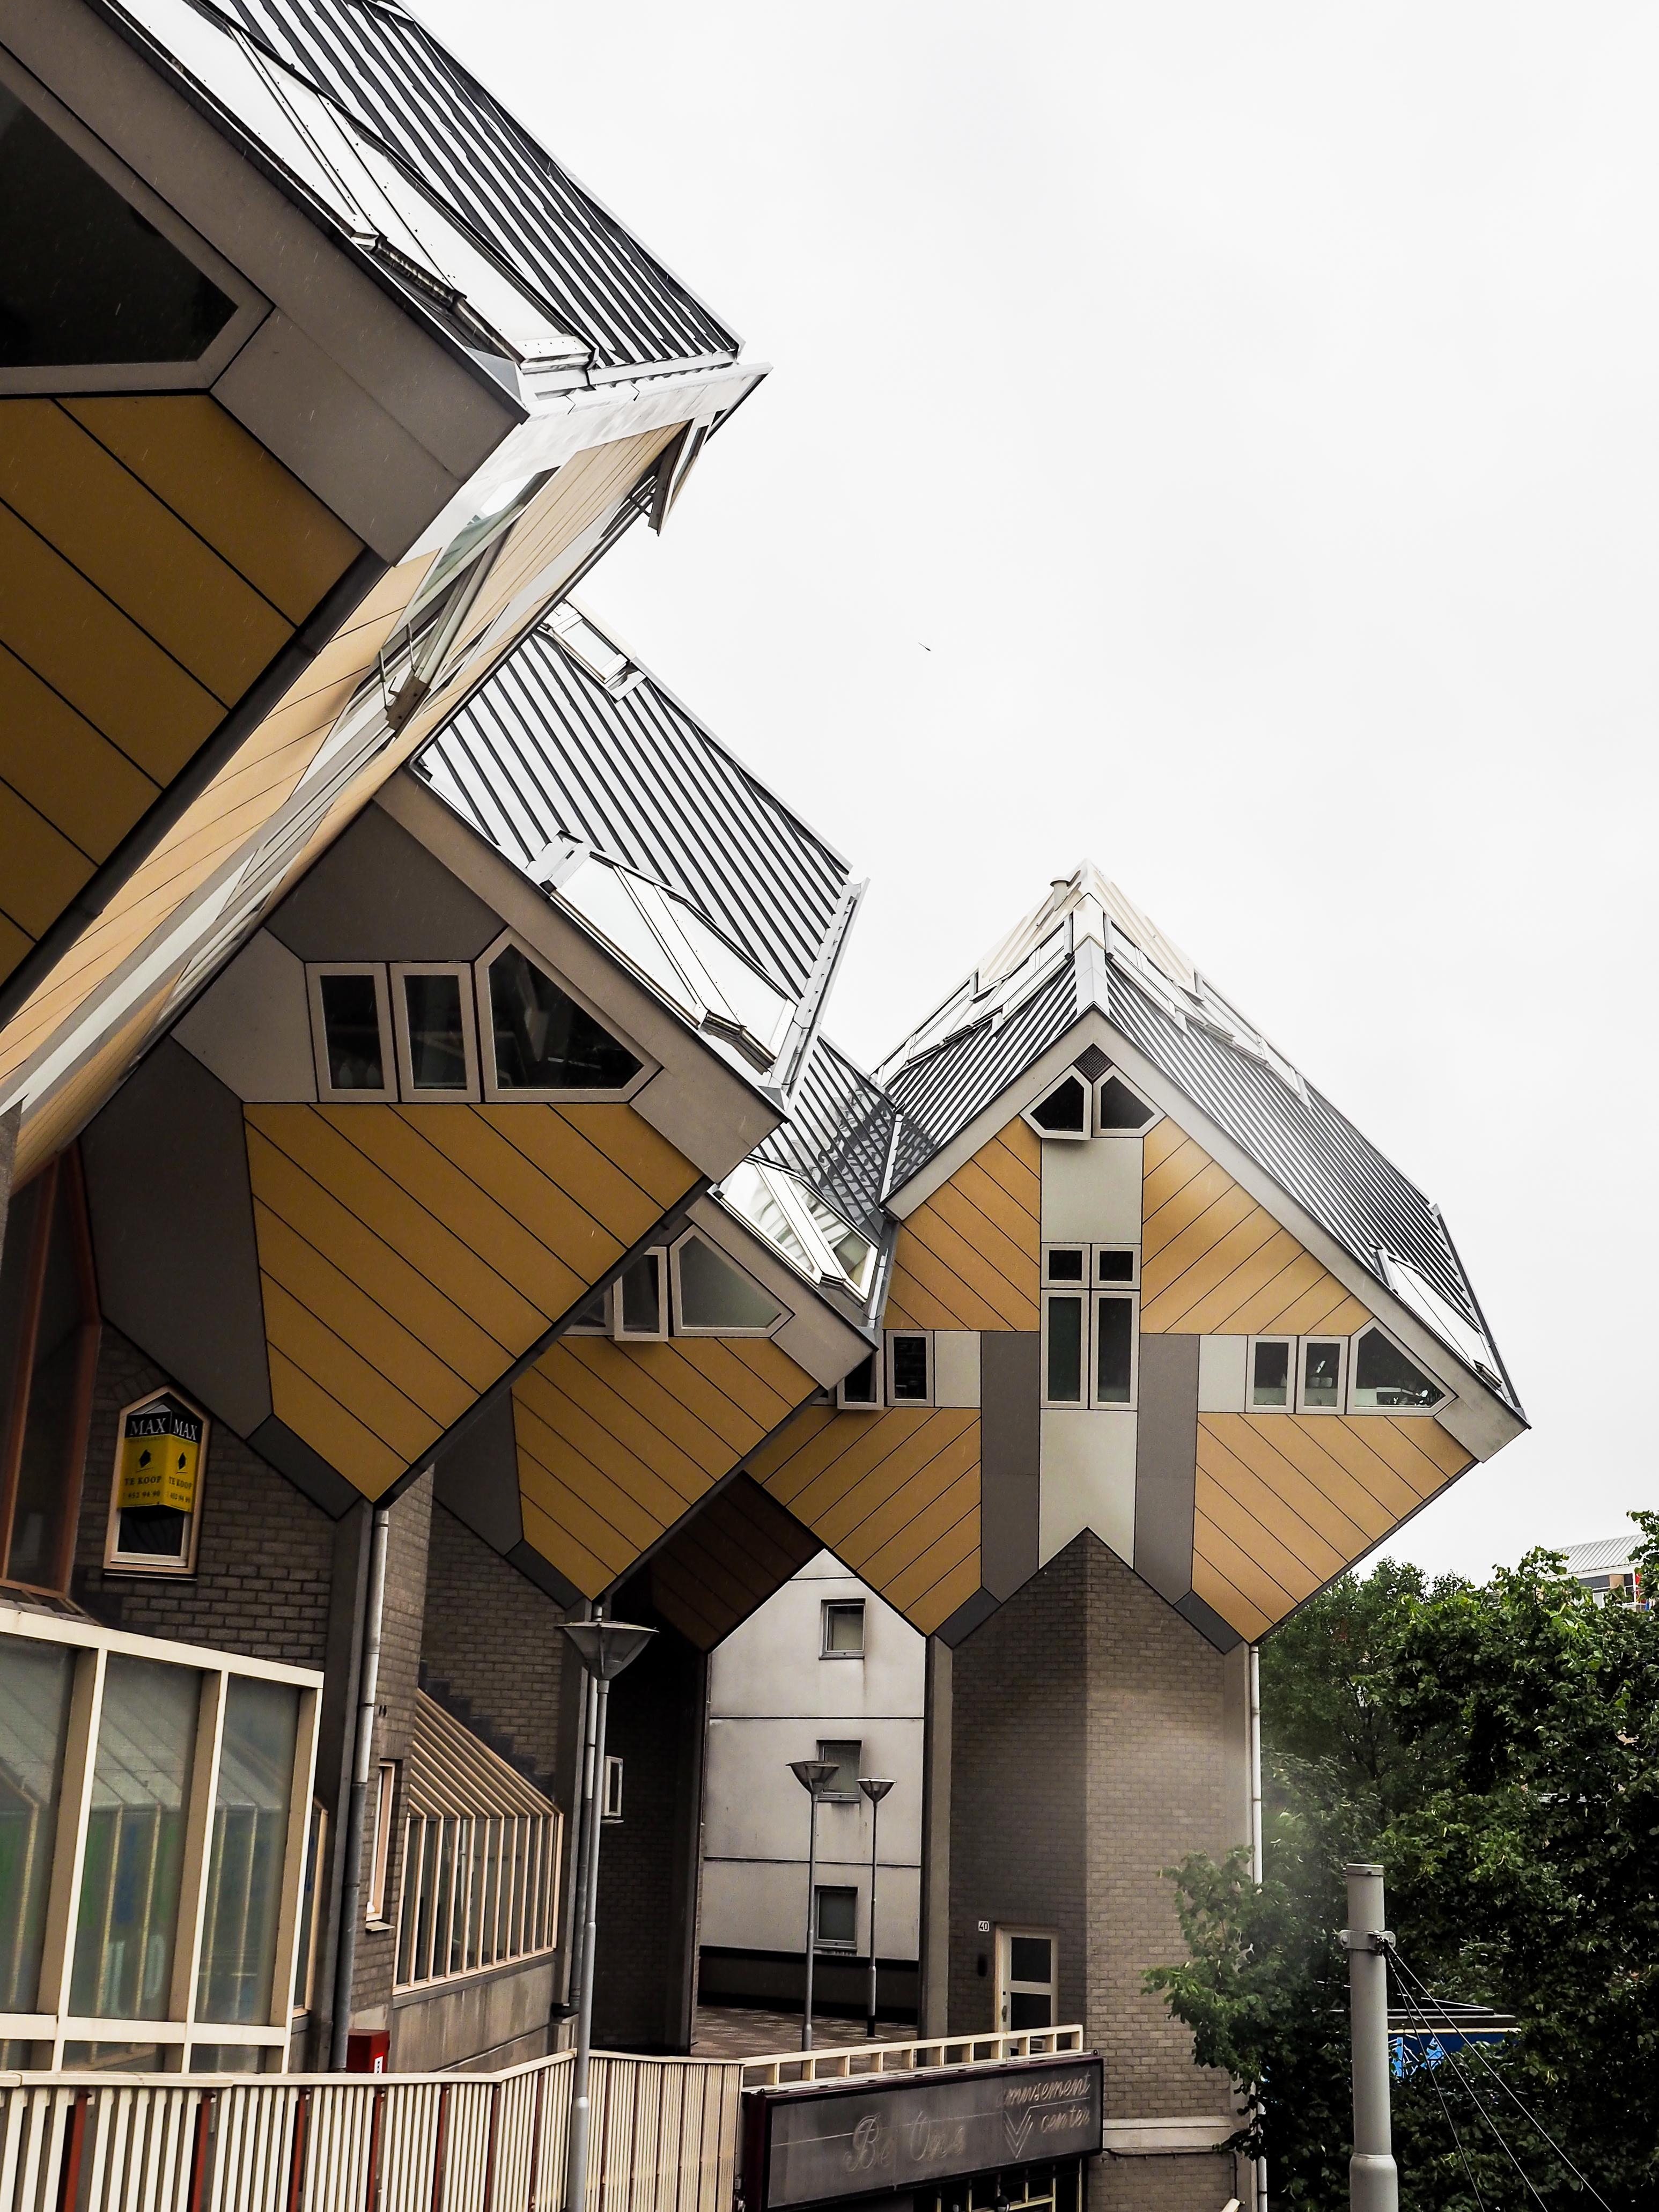 Urban_Architektur-59